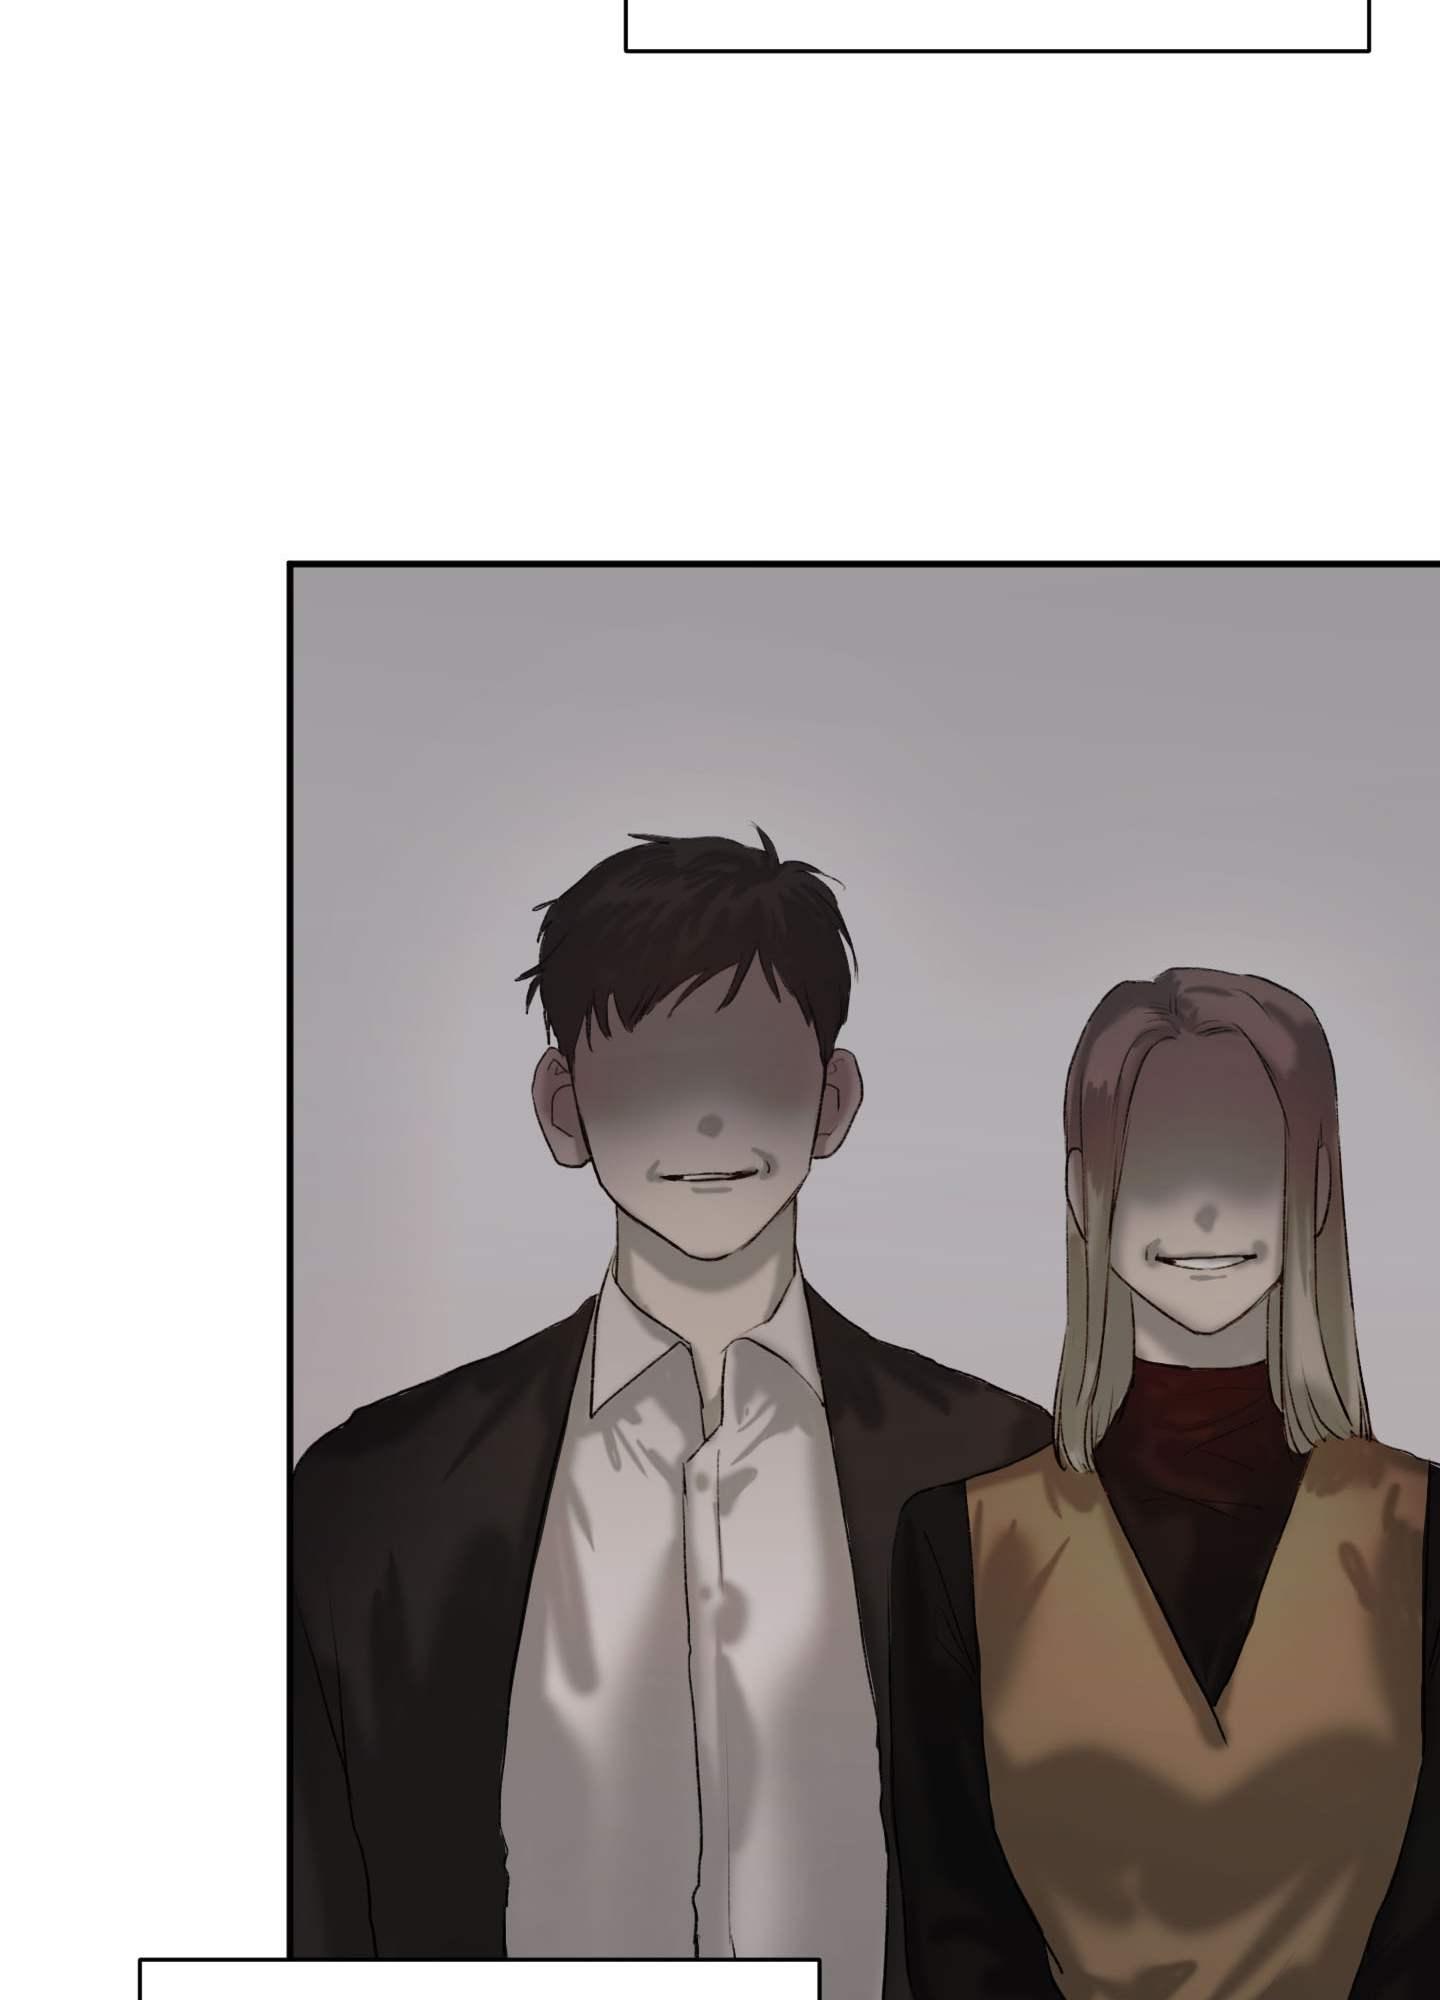 韩漫 |《恶魔的低语》年下痞老板,上来就扑倒!  第29张